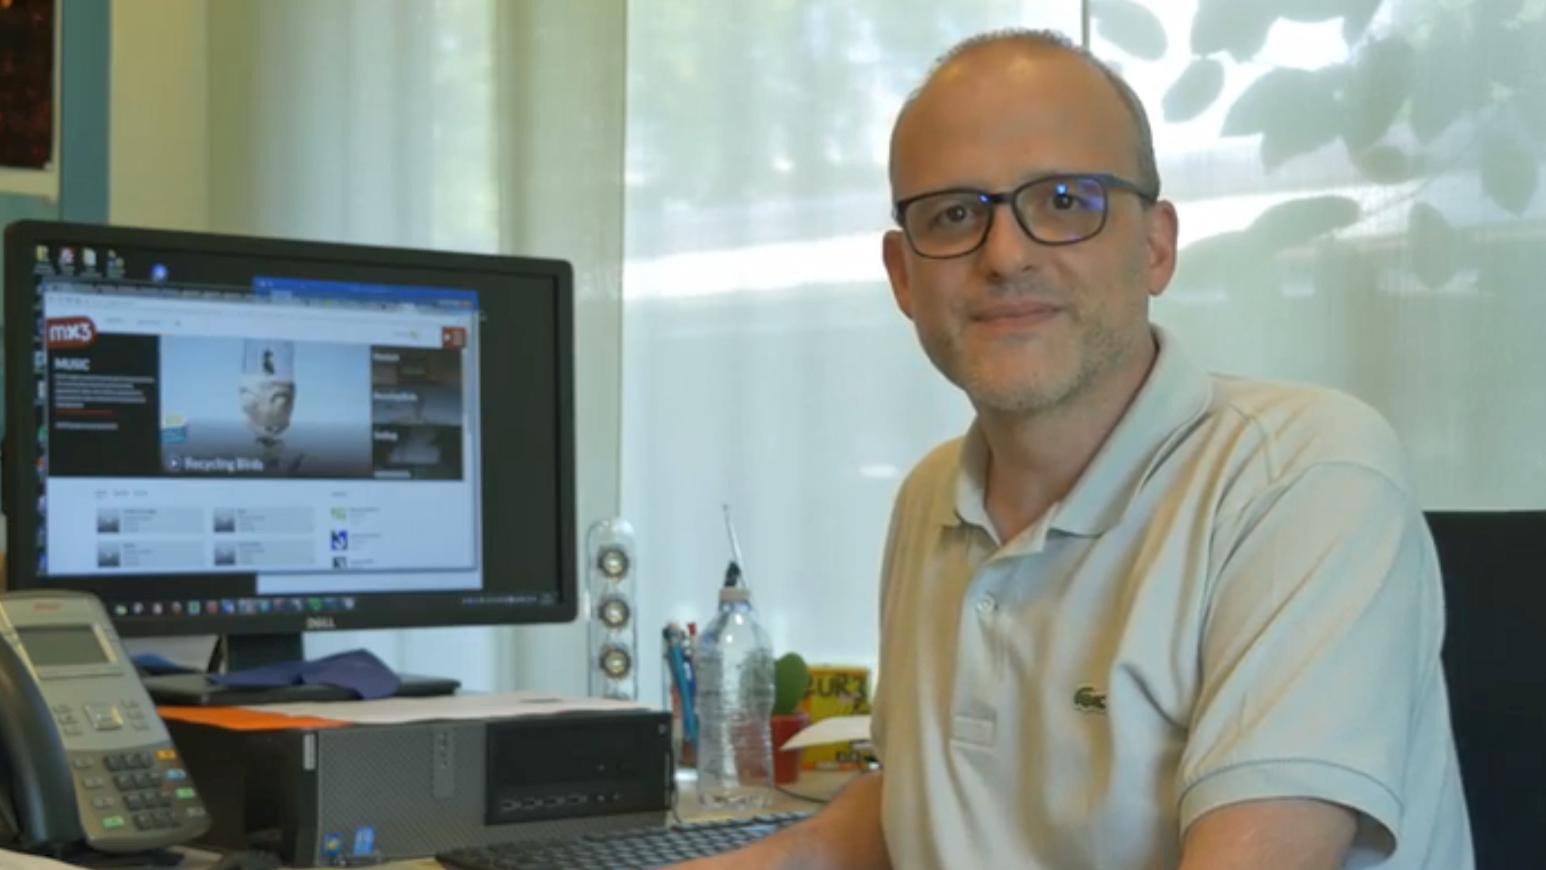 Nicola Albertoni da Rete3 davart il disc nov da Bibi Vaplan